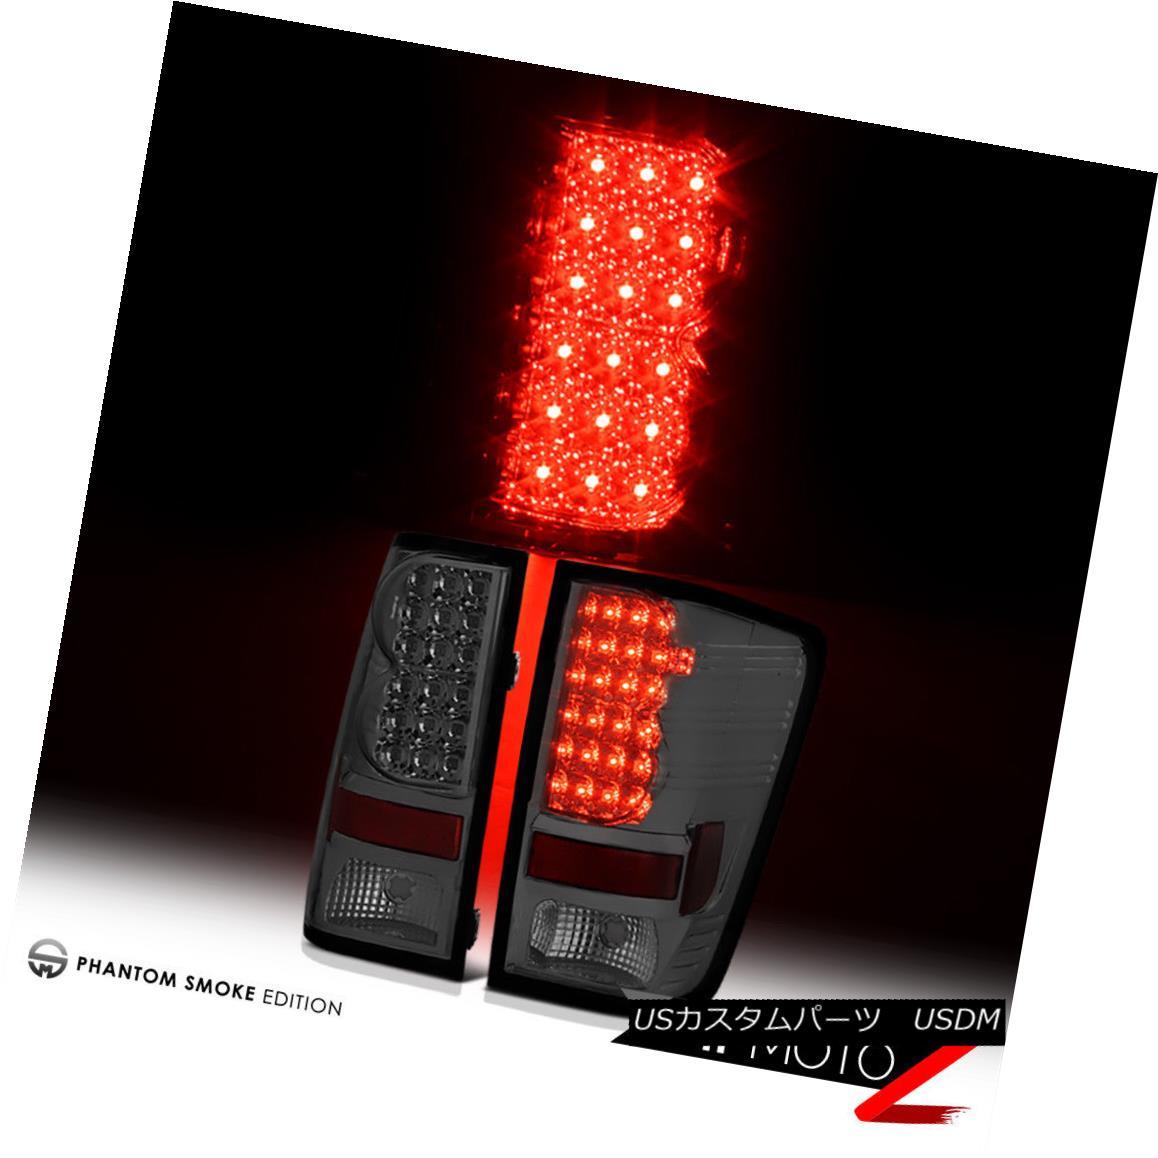 テールライト For 2004-2014 Titan TA60 2/4WD TA60 Truck Smoke Signal Tail Light SMD Brake Lamp 2004年?2014年タイタンTA60 2 / 4WD TA60トラック煙信号テールライトSMDブレーキランプ